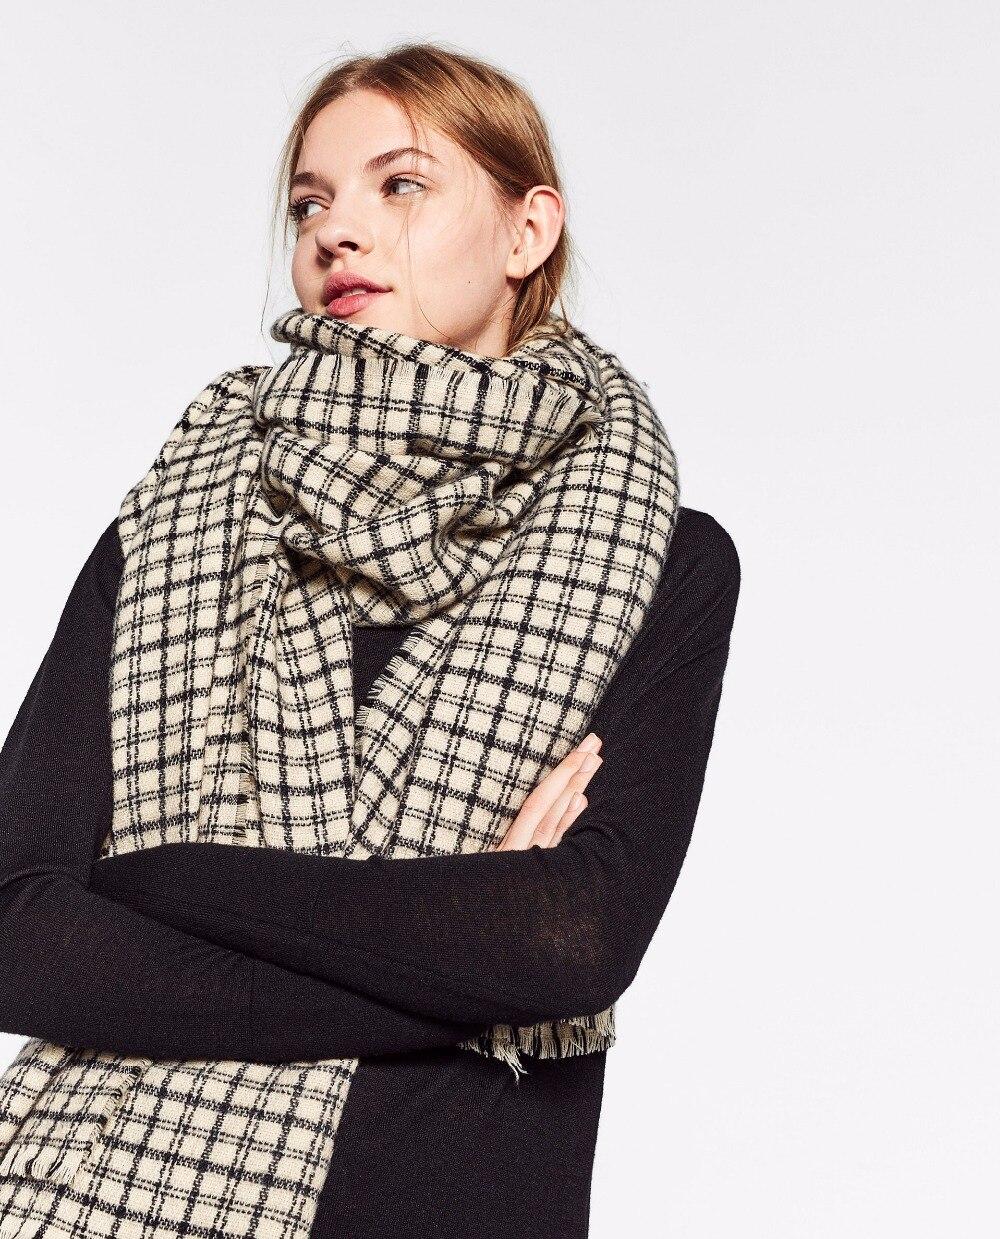 za winter scarf big size font b Tartan b font Scarf women desigual Plaid Scarf cuadros